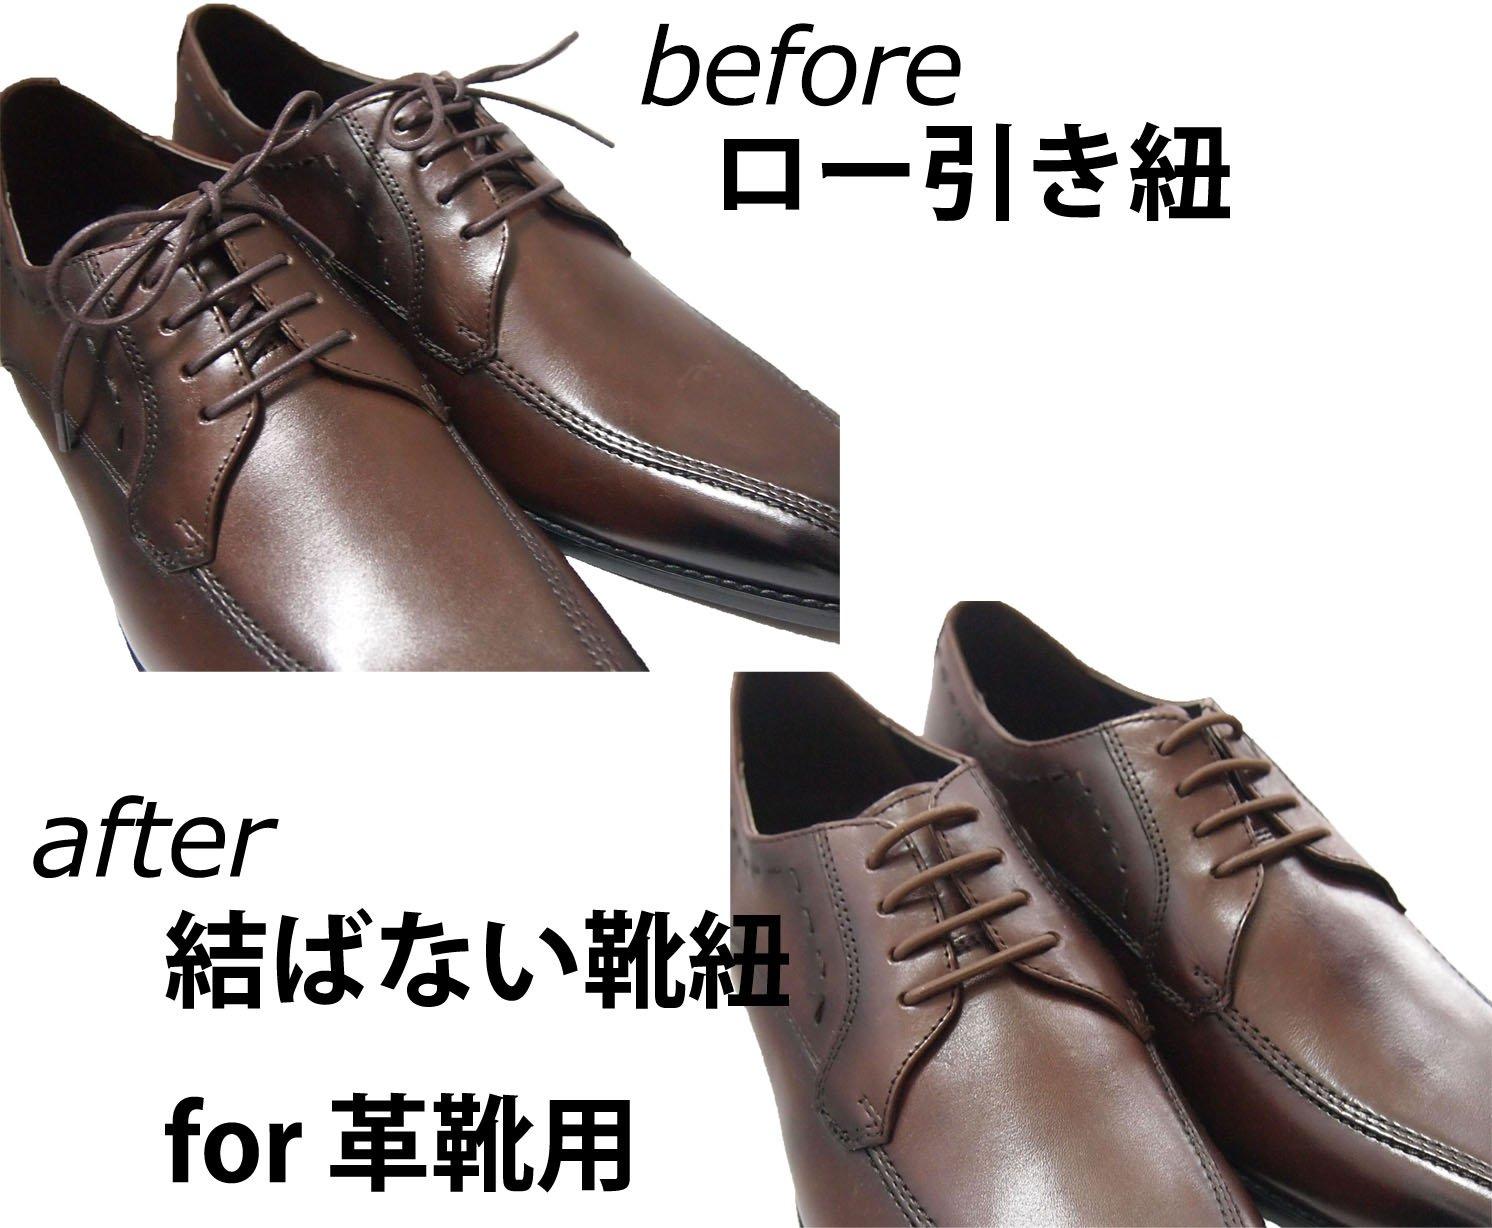 Amazon.co.jp: 【iiko.tokyo】靴ひも 結ばない ほどけない 靴紐 革靴 用 ビジネスシューズ ドレスシューズ 向け (ブラック,  30㎜) スポーツ\u0026アウトドア